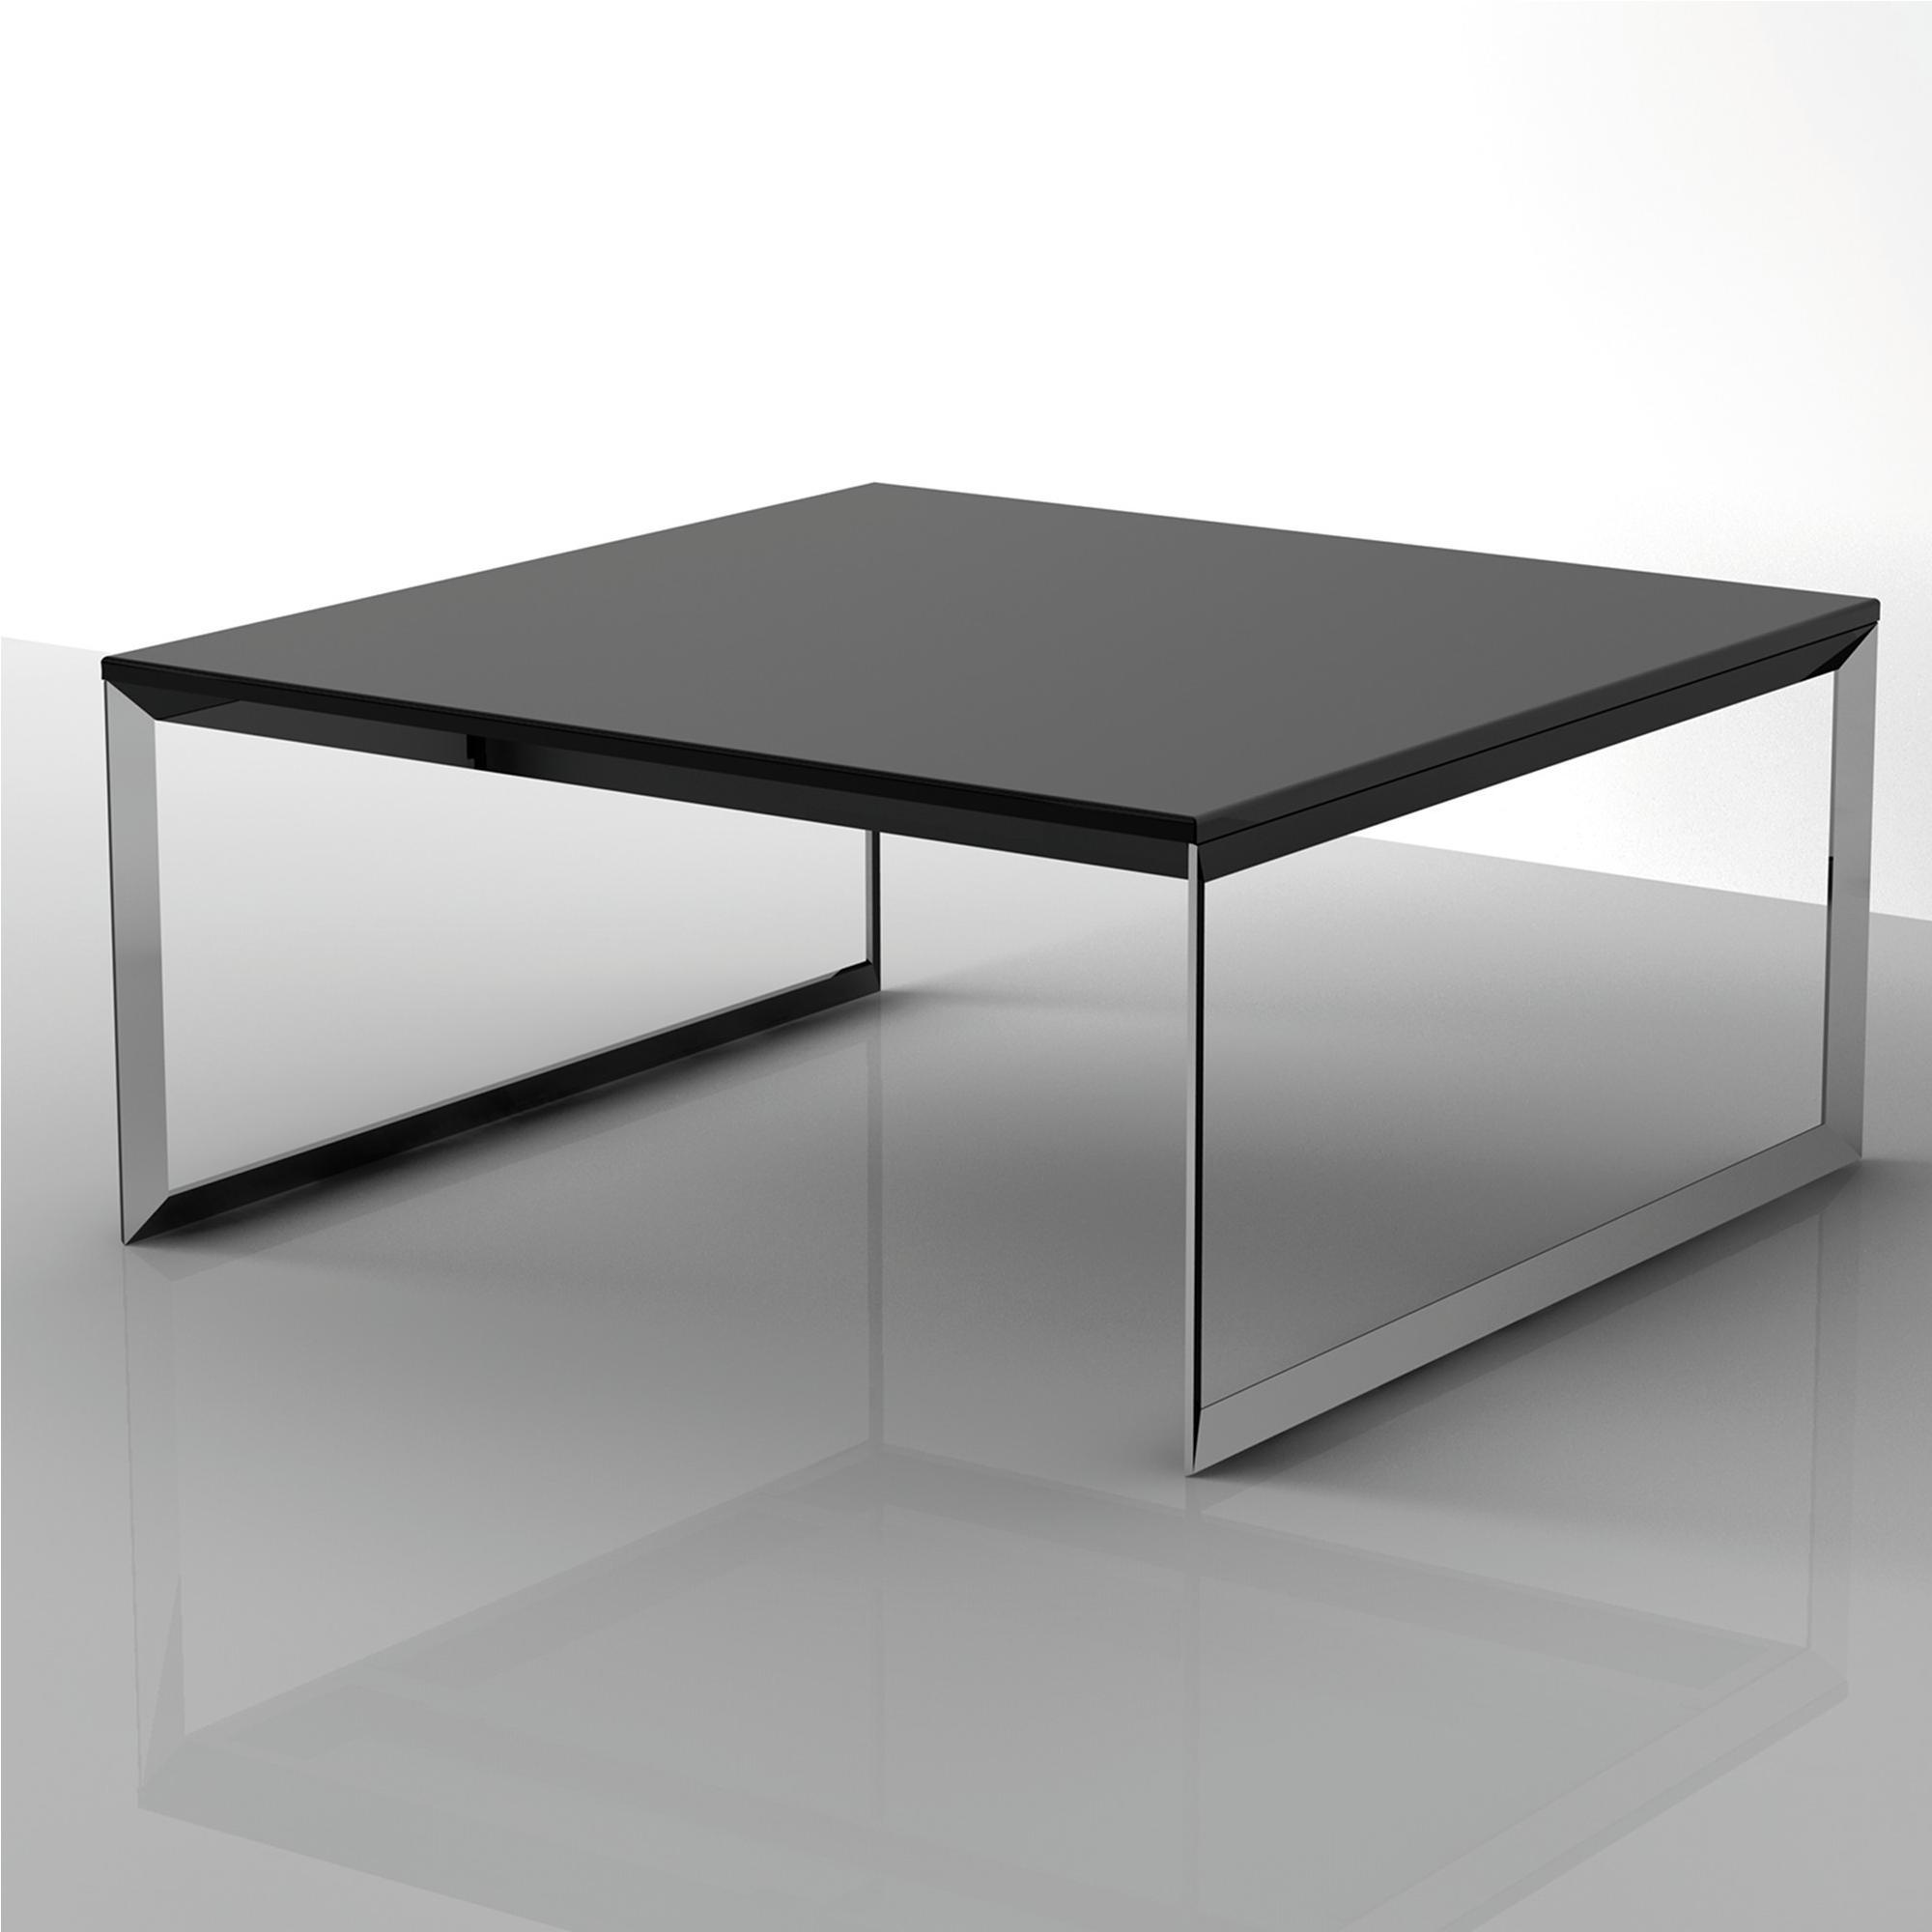 Tavolino Basso Da Salotto.Tavolino Basso Da Salotto Con Piano In Mdf 90x90xh40 Cm Nero Ibb Spa